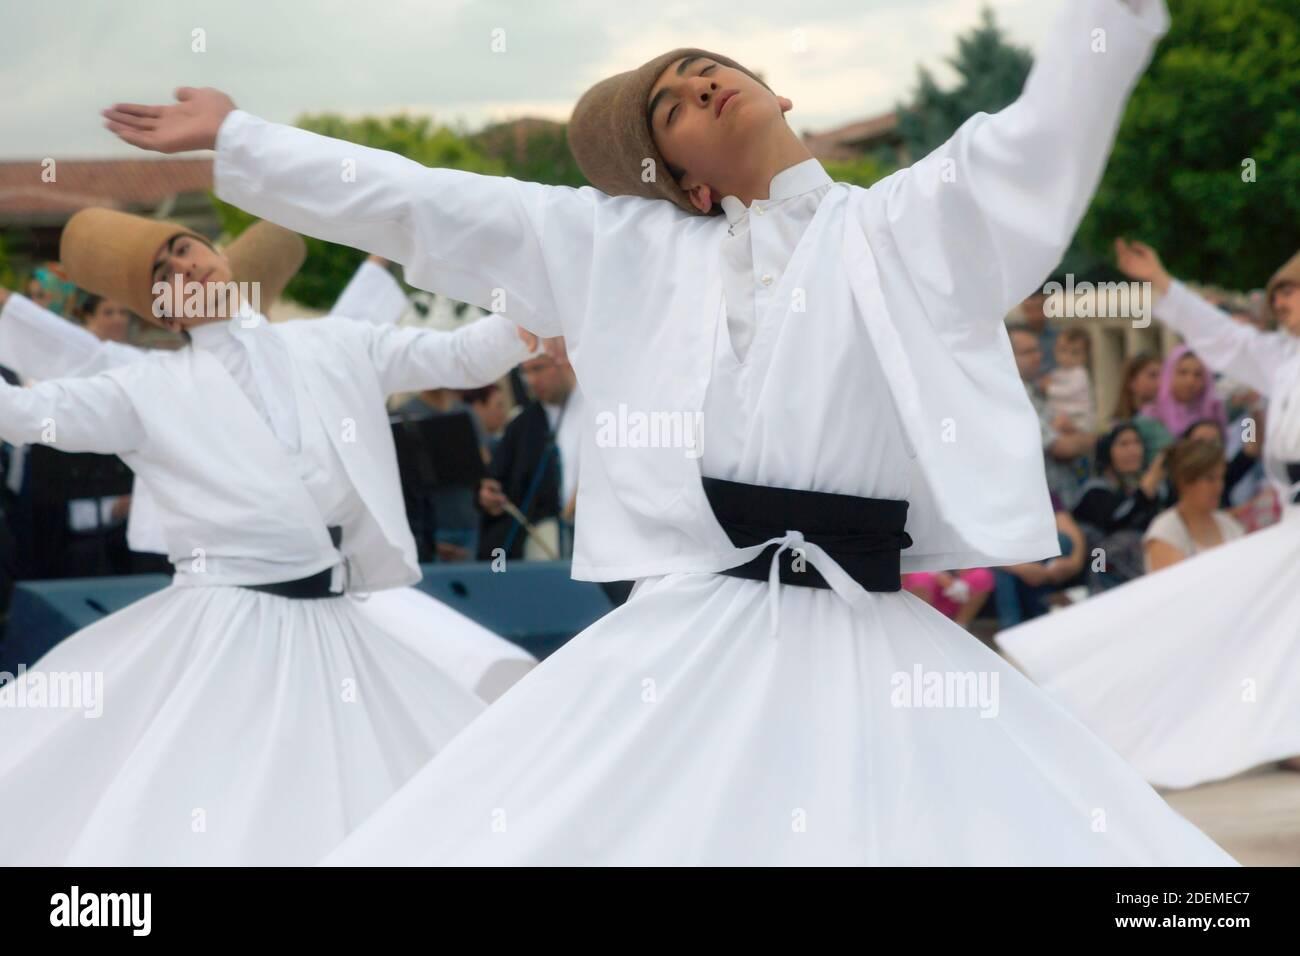 """Konya, province de Konya, Turquie. Derviches tourbillonnants. L'UNESCO a proclamé la """"cérémonie de Mevlevi Sema"""" de Turquie (vue ici) parmi les chefs-d'œuvre de Banque D'Images"""